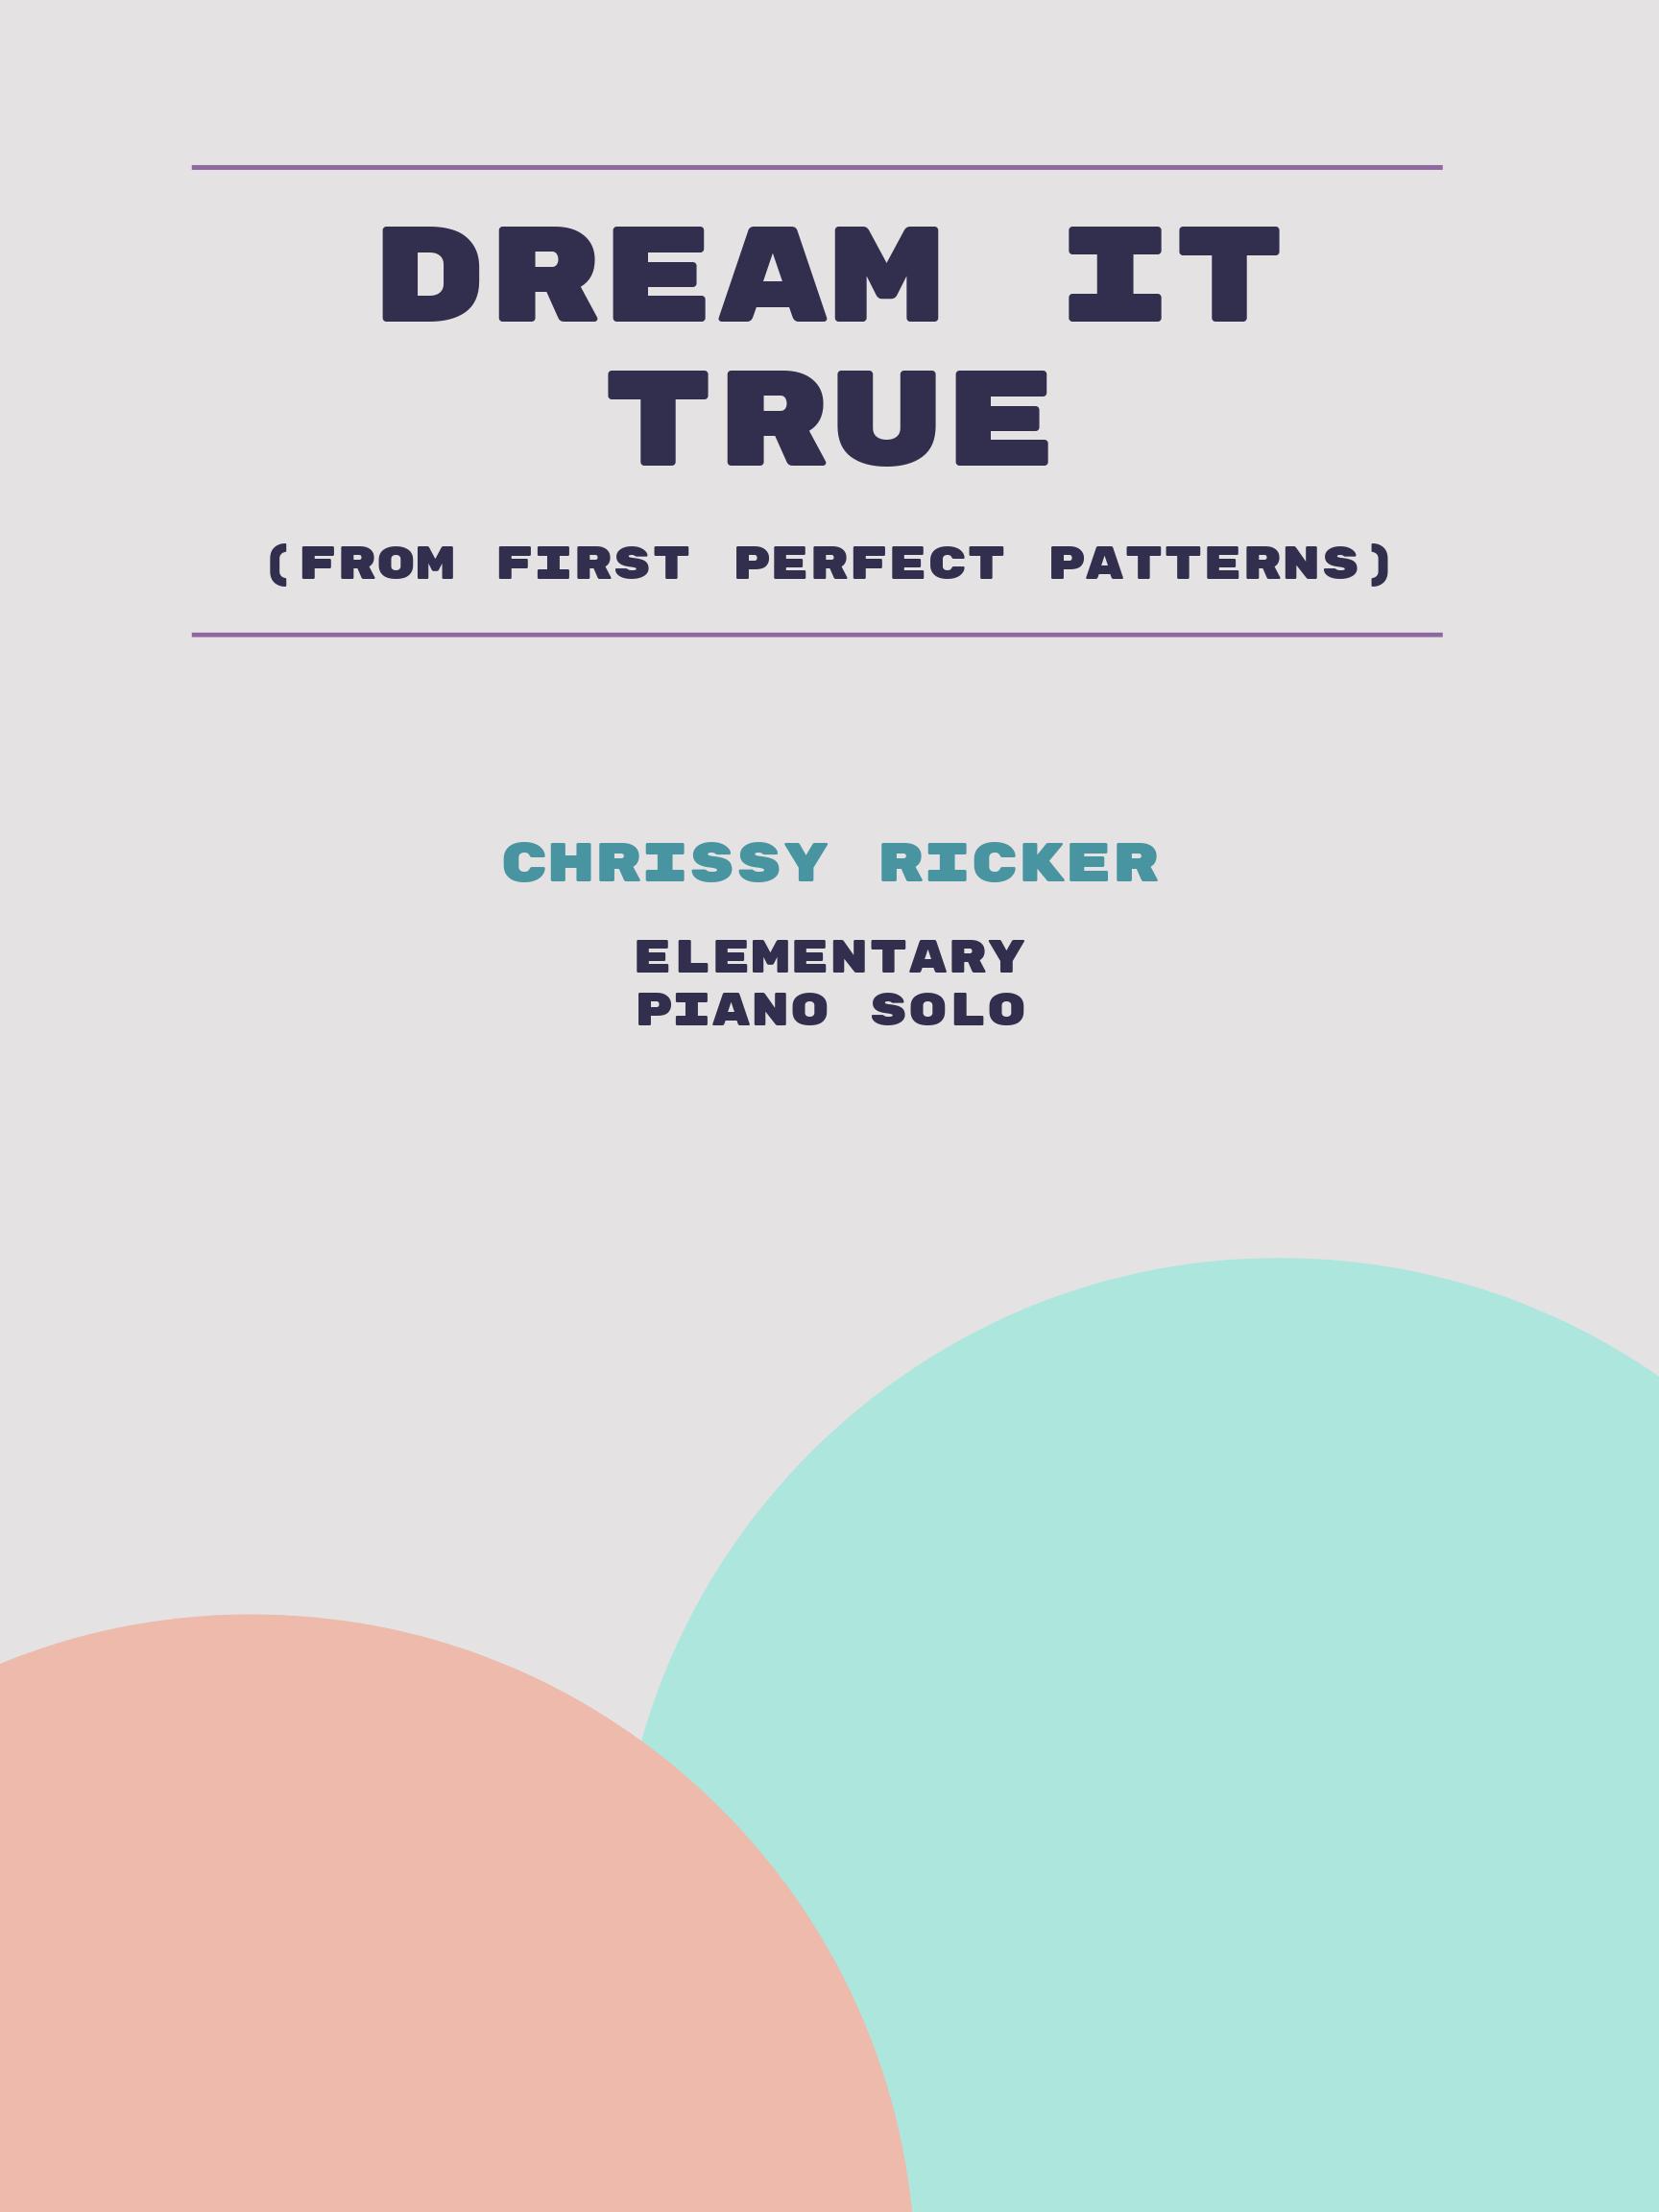 Dream It True by Chrissy Ricker